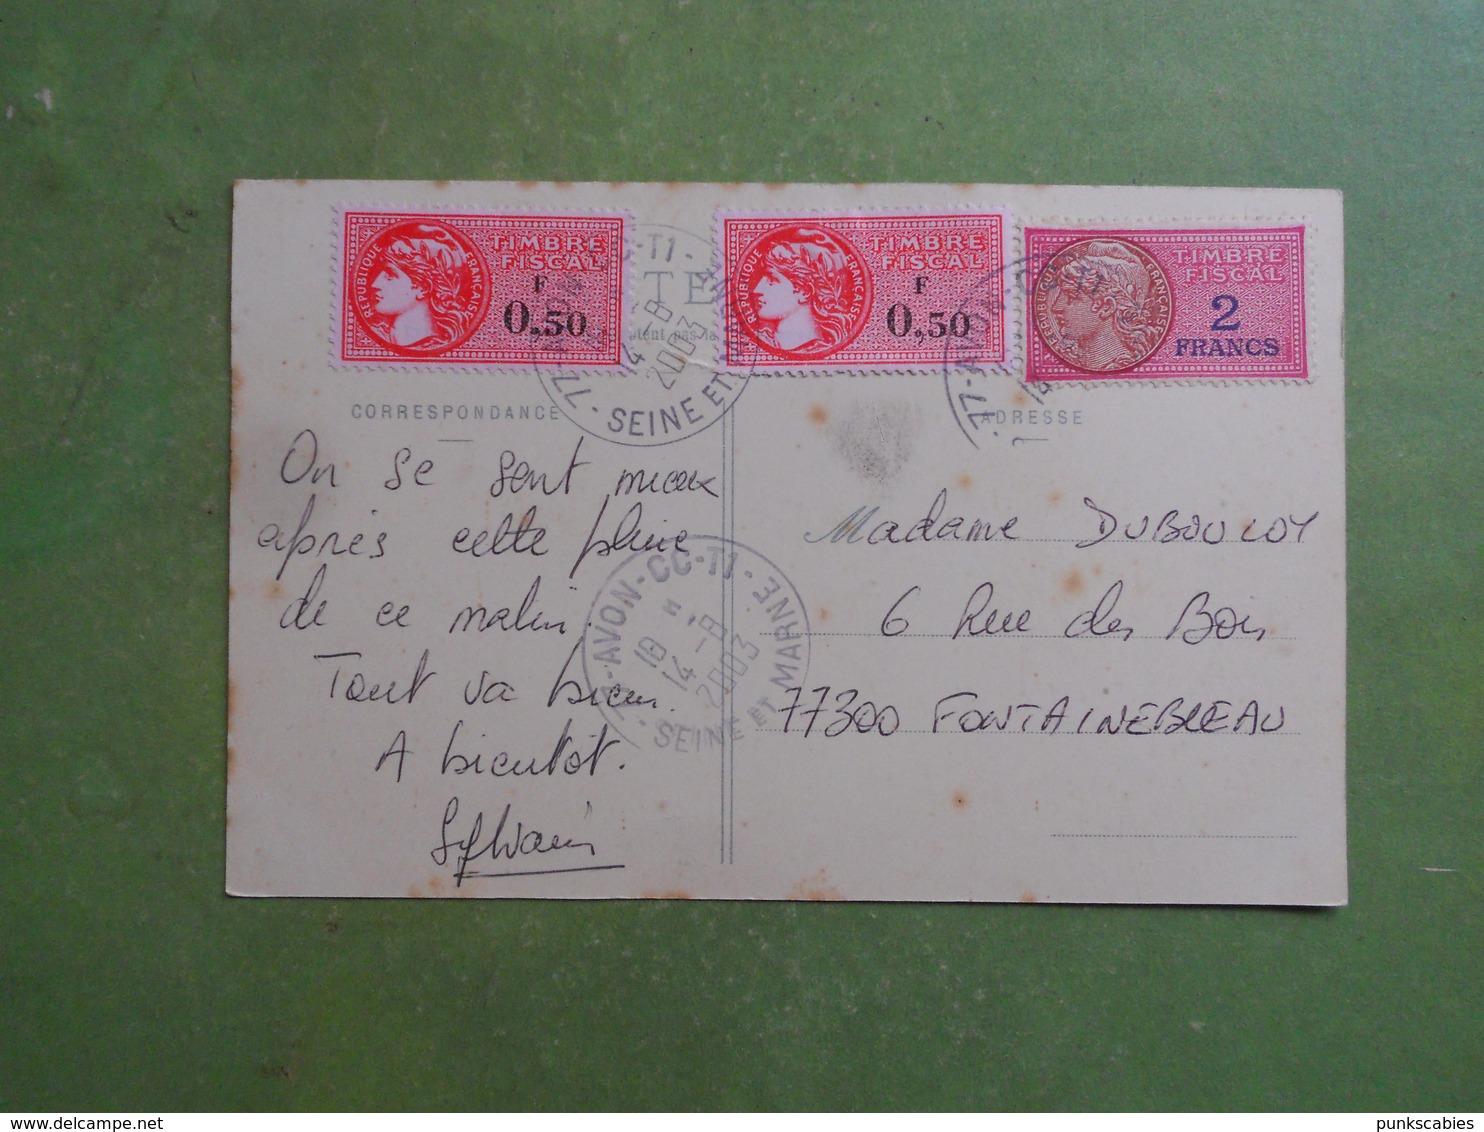 AFFRANCHISSEMENT SUR CPA FONTAINEBLEAU  3 TIMBRES FISCAUX EN GUISE DE TIMBRES POSTE NORMAUX 2003 EN FRANCS 3.00 - Revenue Stamps